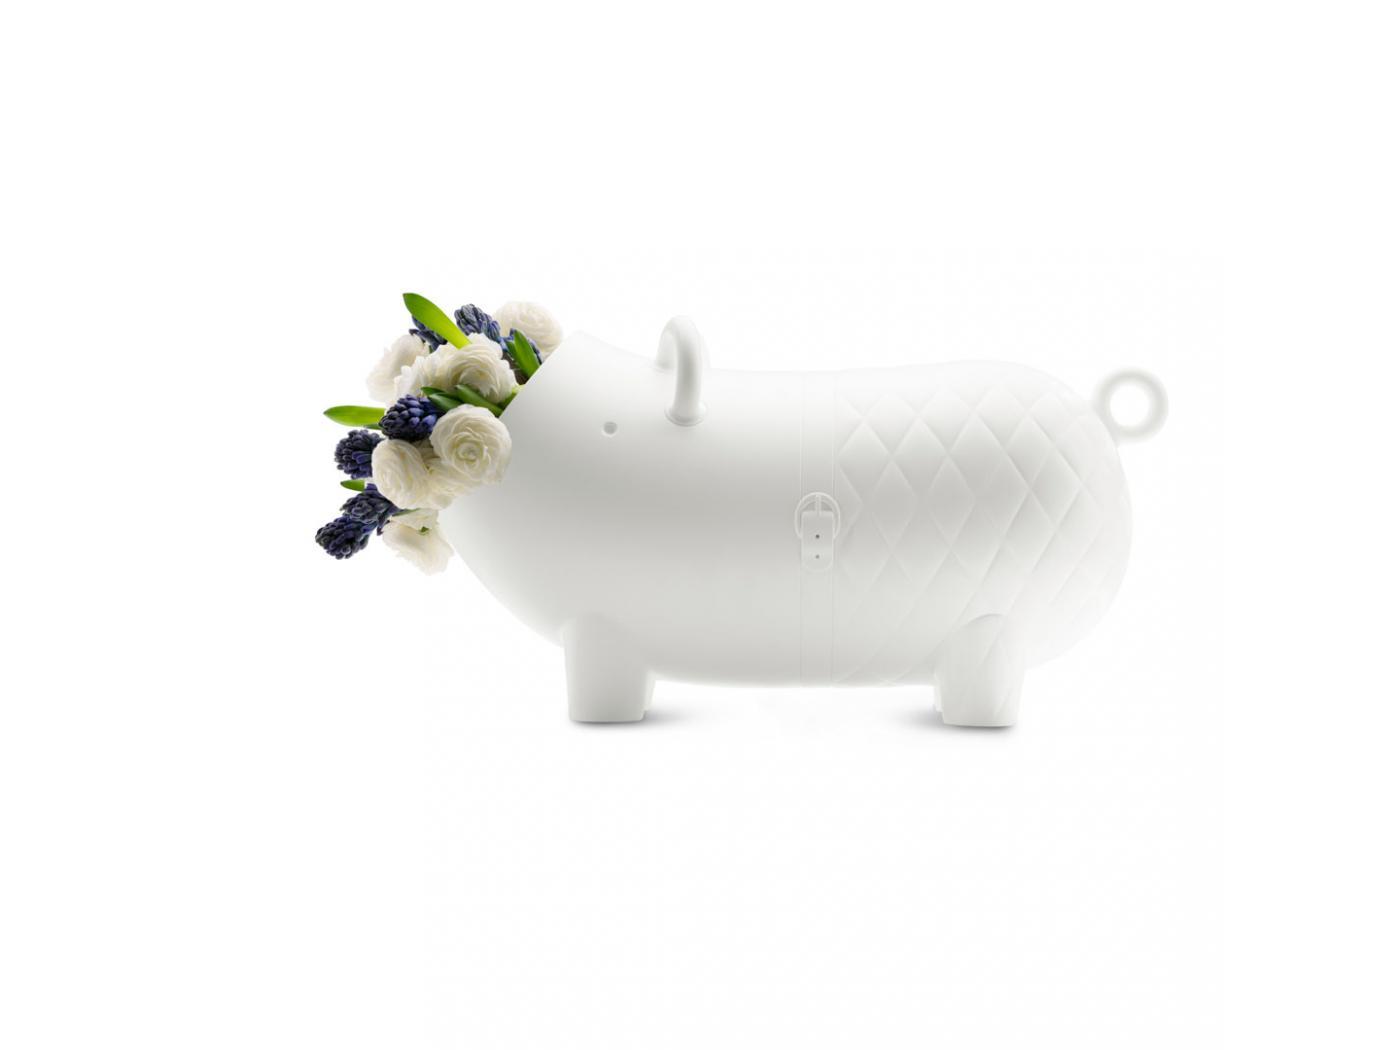 cybex coffre de rangement design cochon blanc. Black Bedroom Furniture Sets. Home Design Ideas